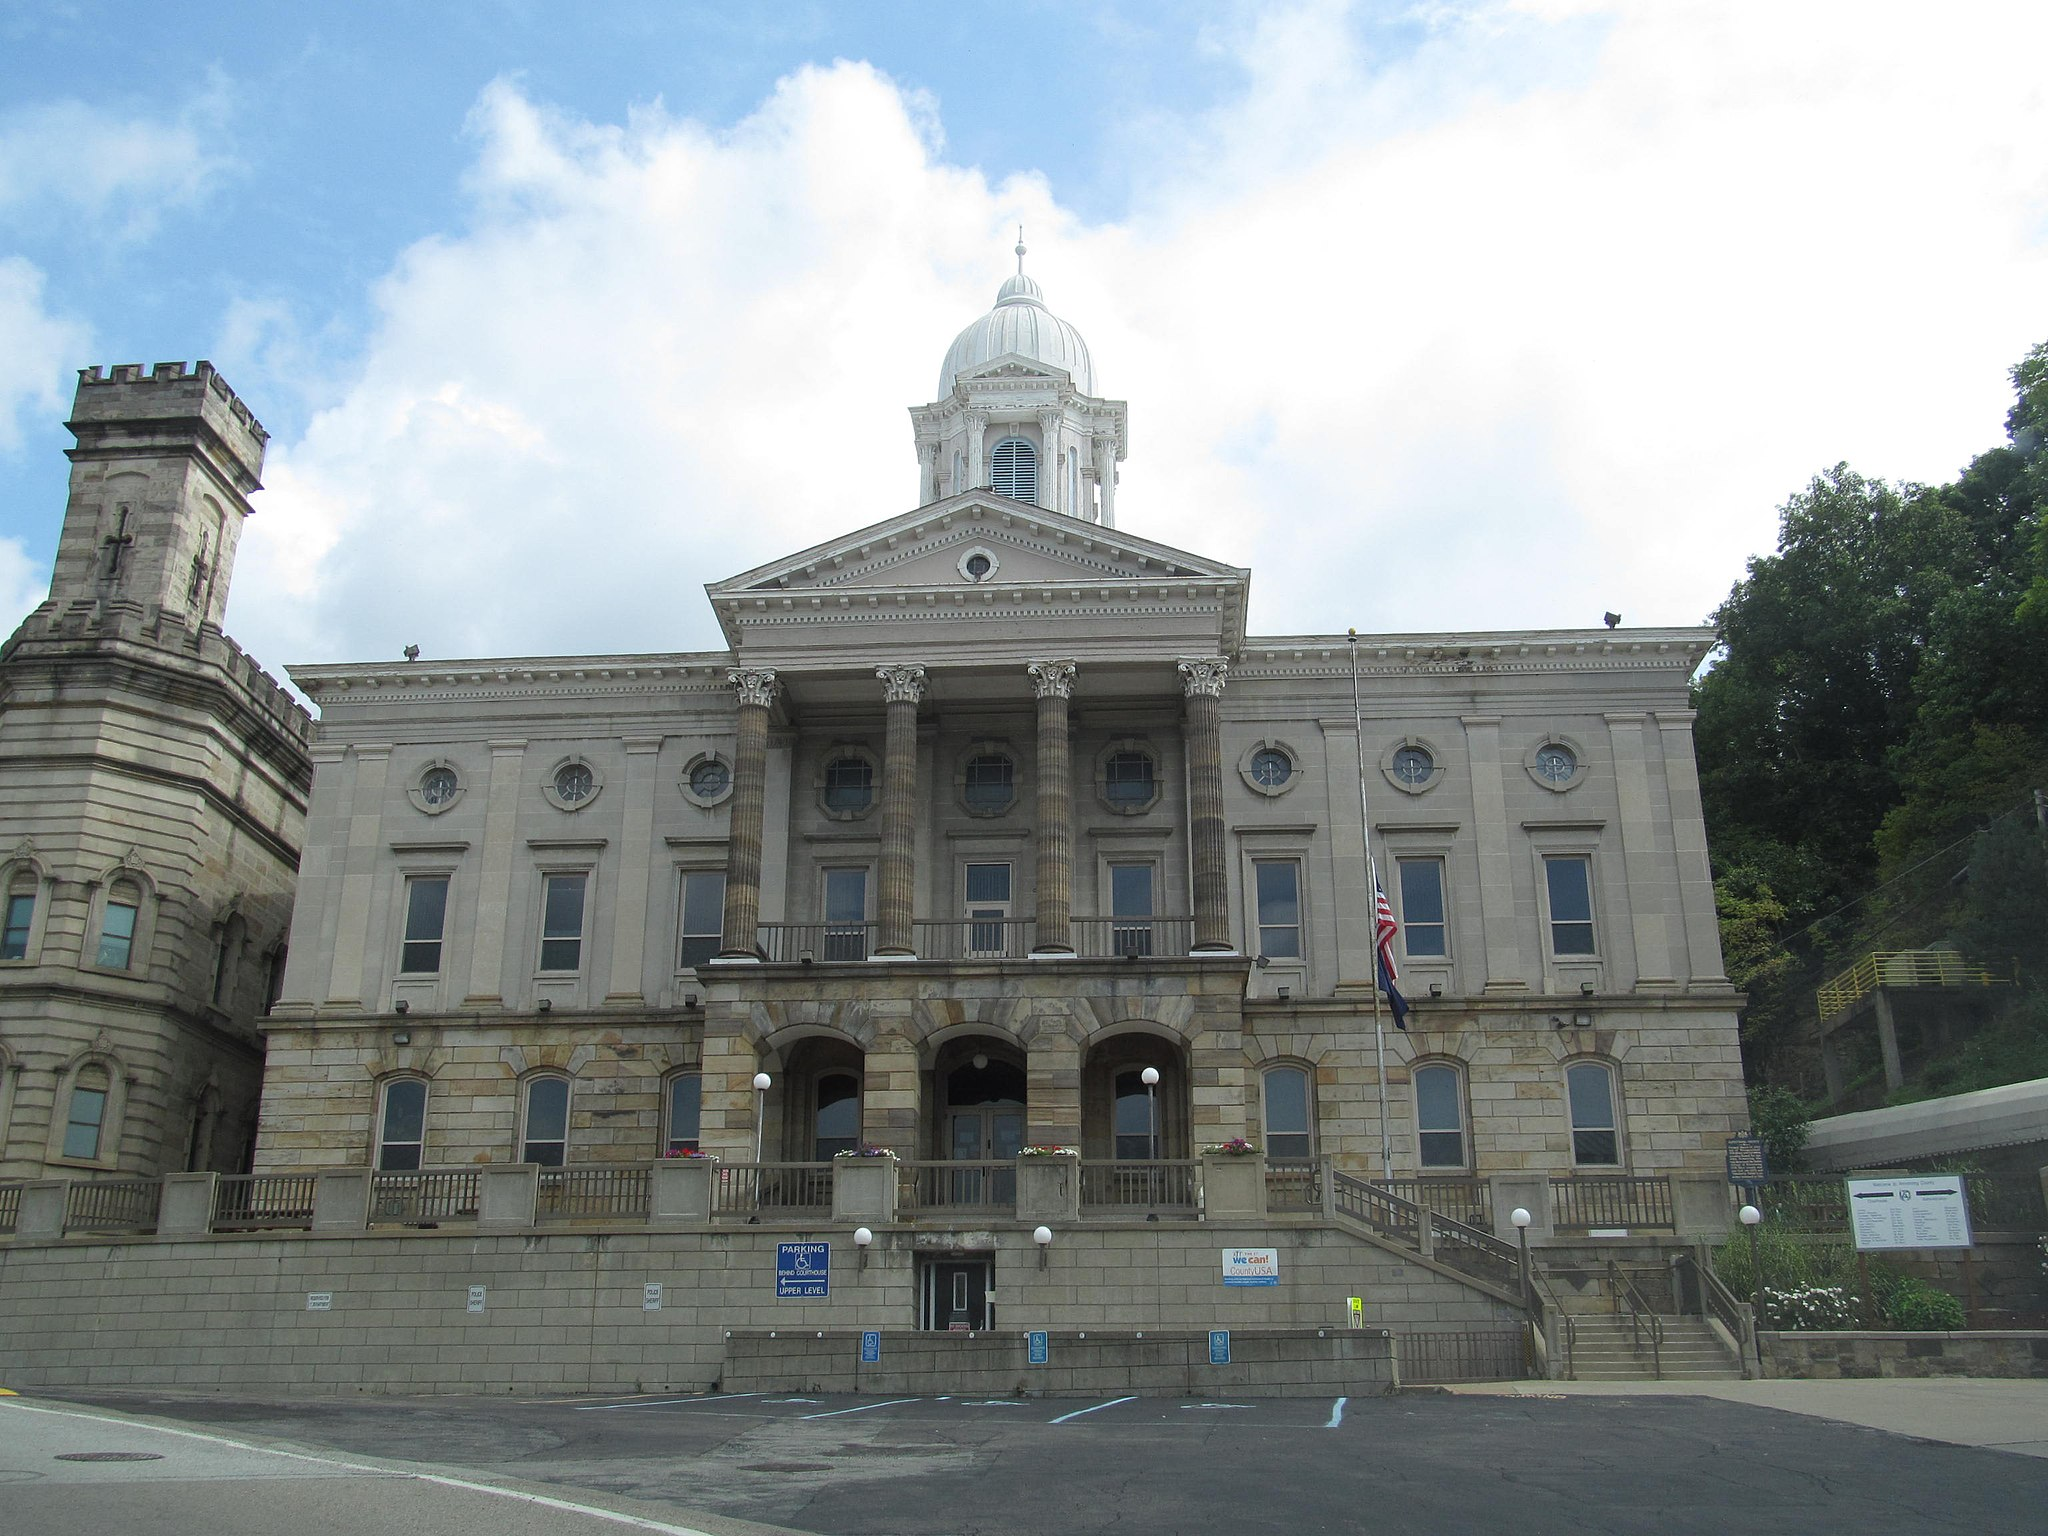 Kittanning, Pennsylvania (8482749220)